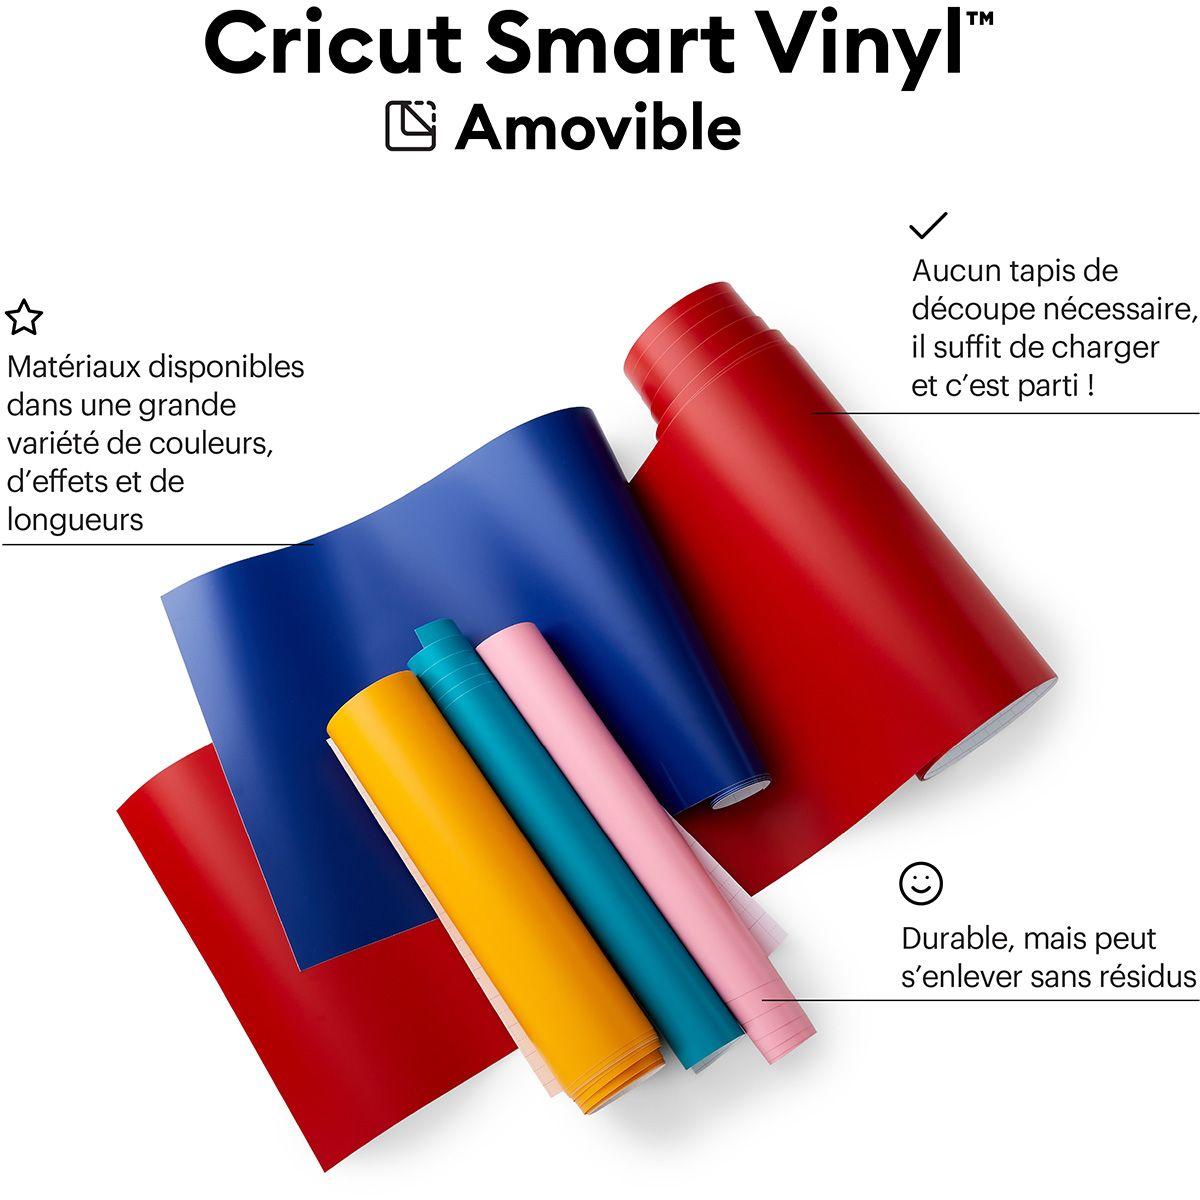 Film vinyle repositionnable 33 cm x 91 cm Cricut